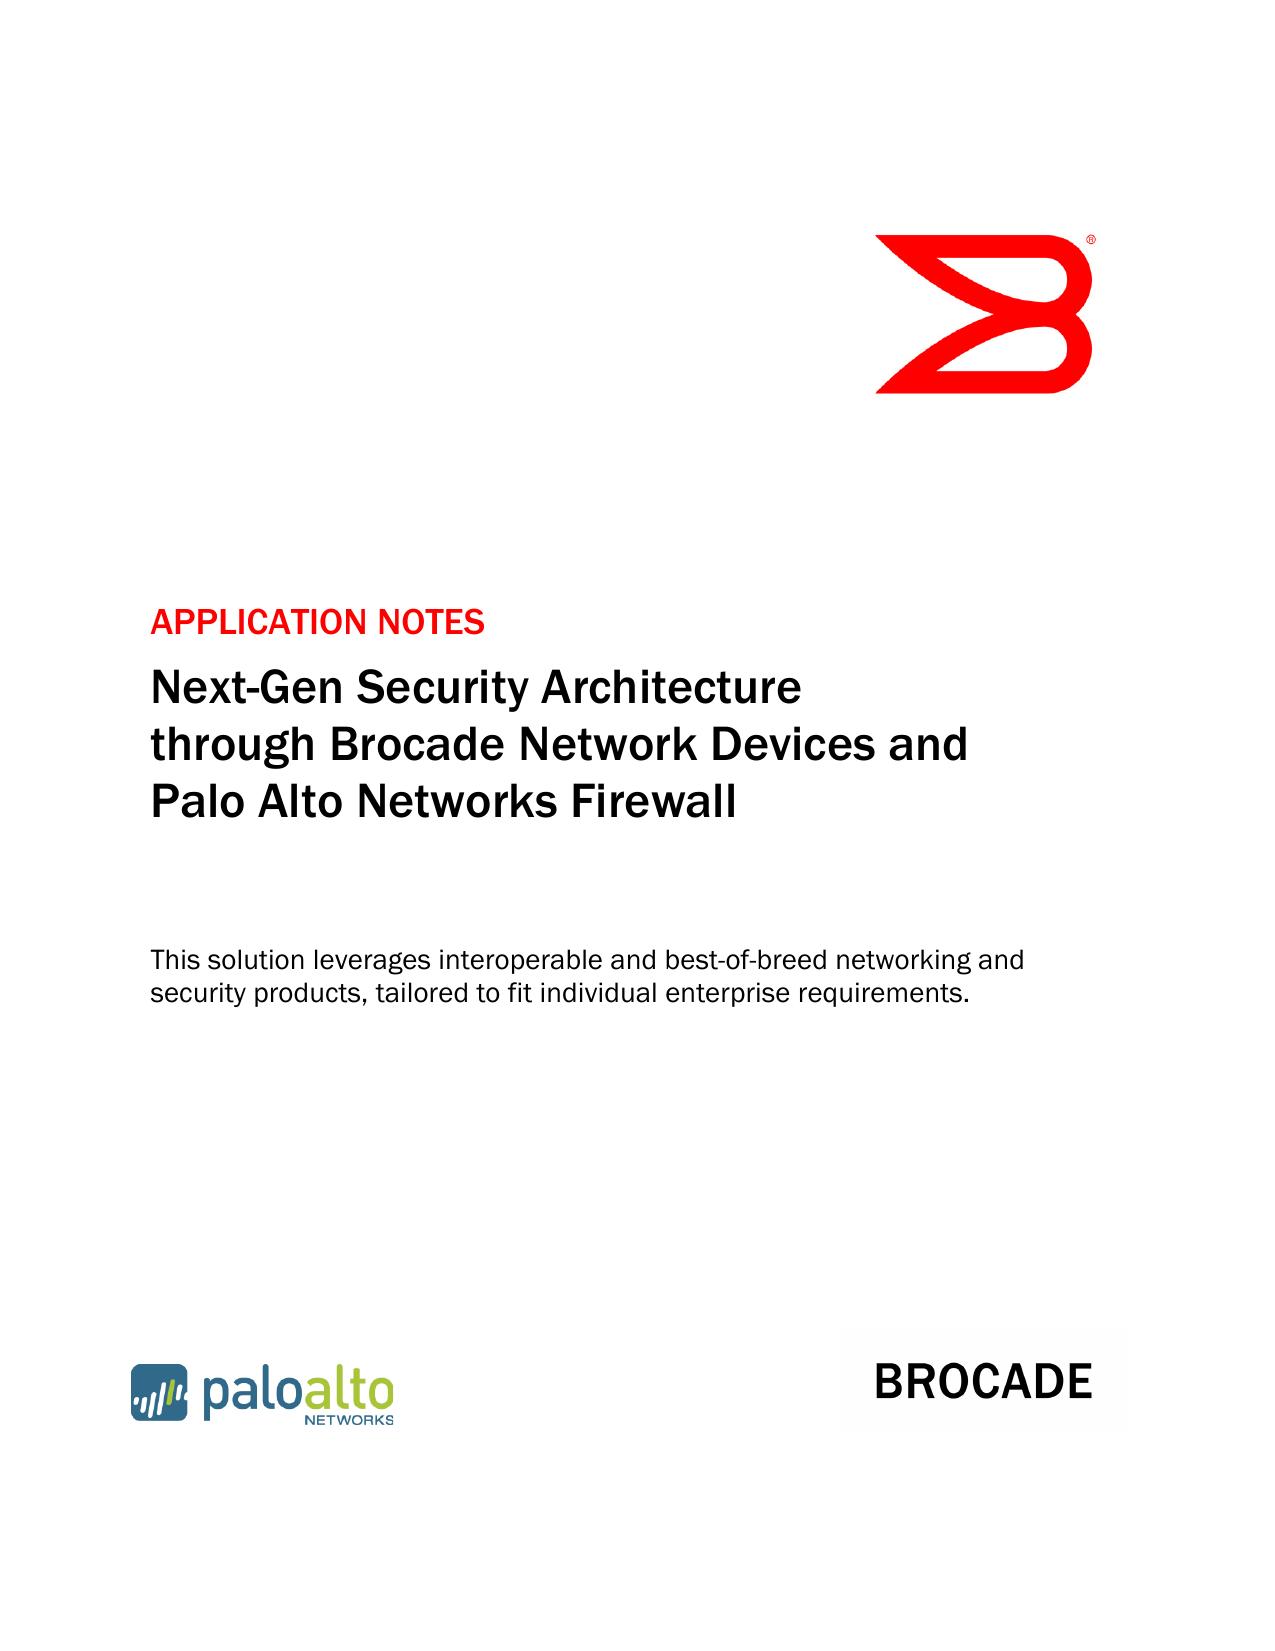 Next-Gen Security Architecture through Brocade Network